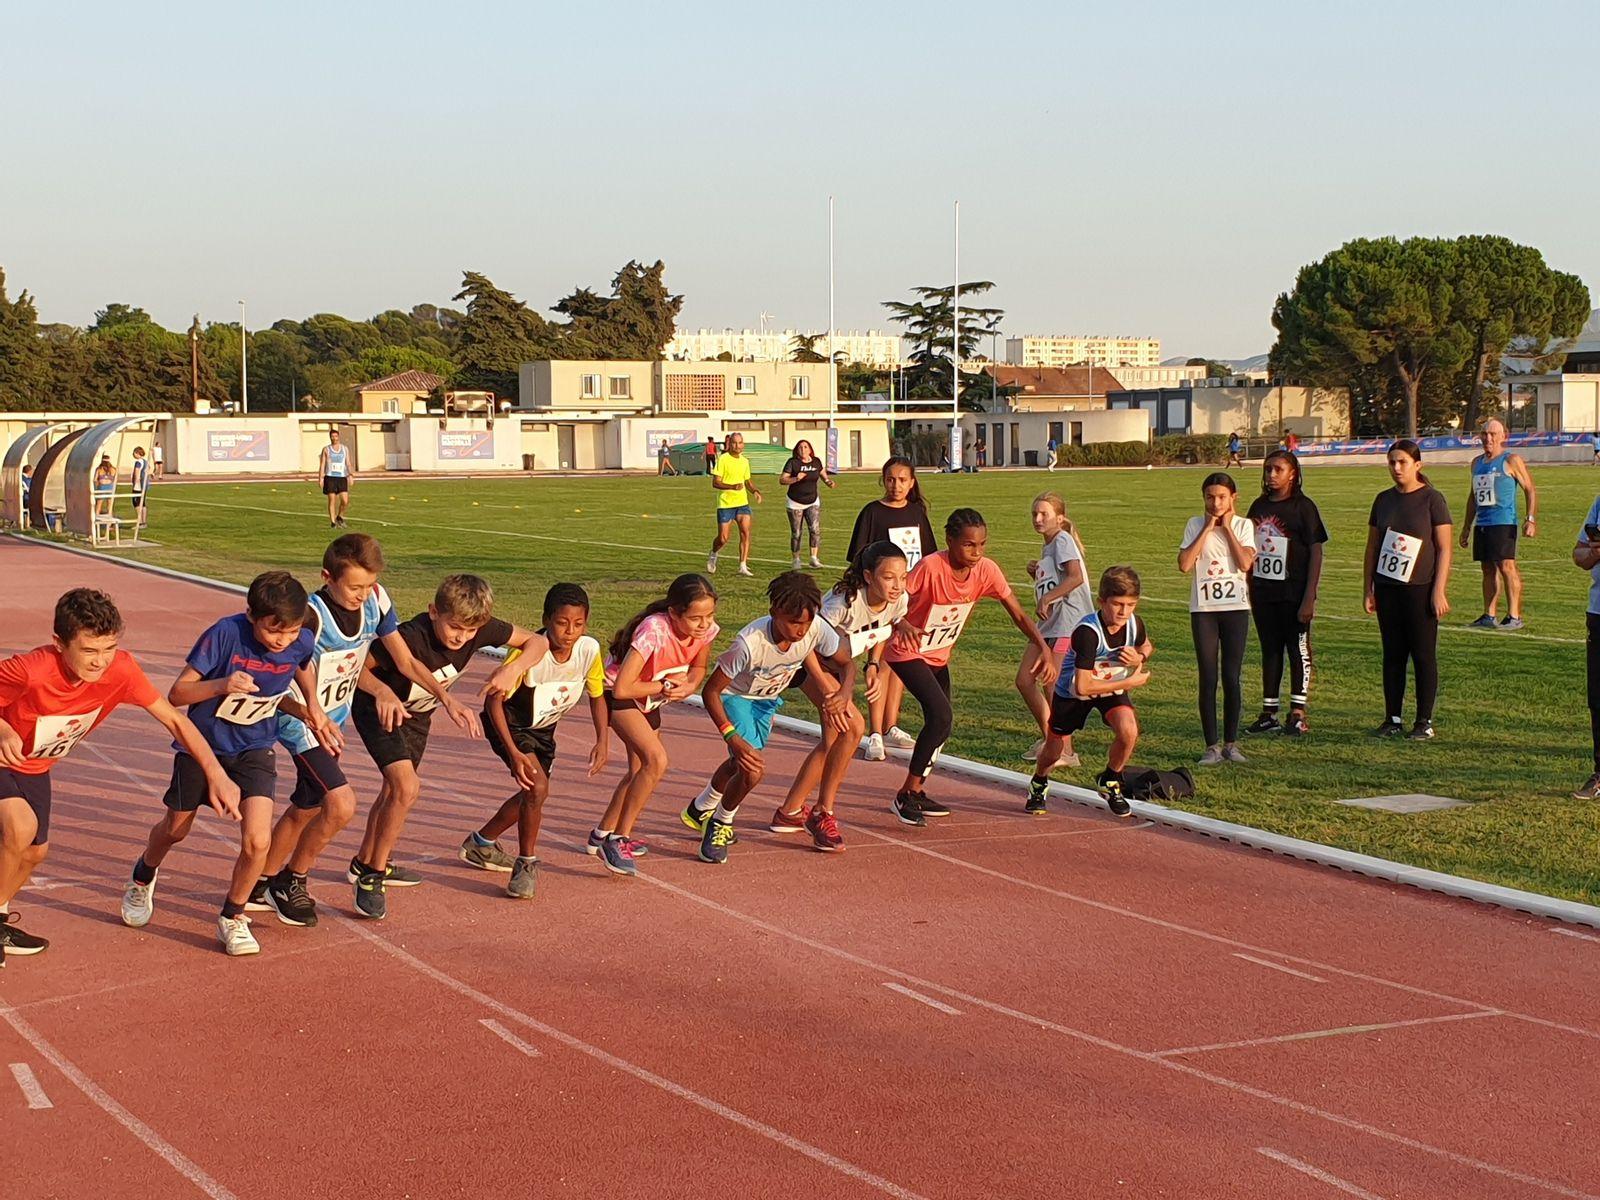 Première série du 800 m - stade Roger Couderc - 23/09/2021